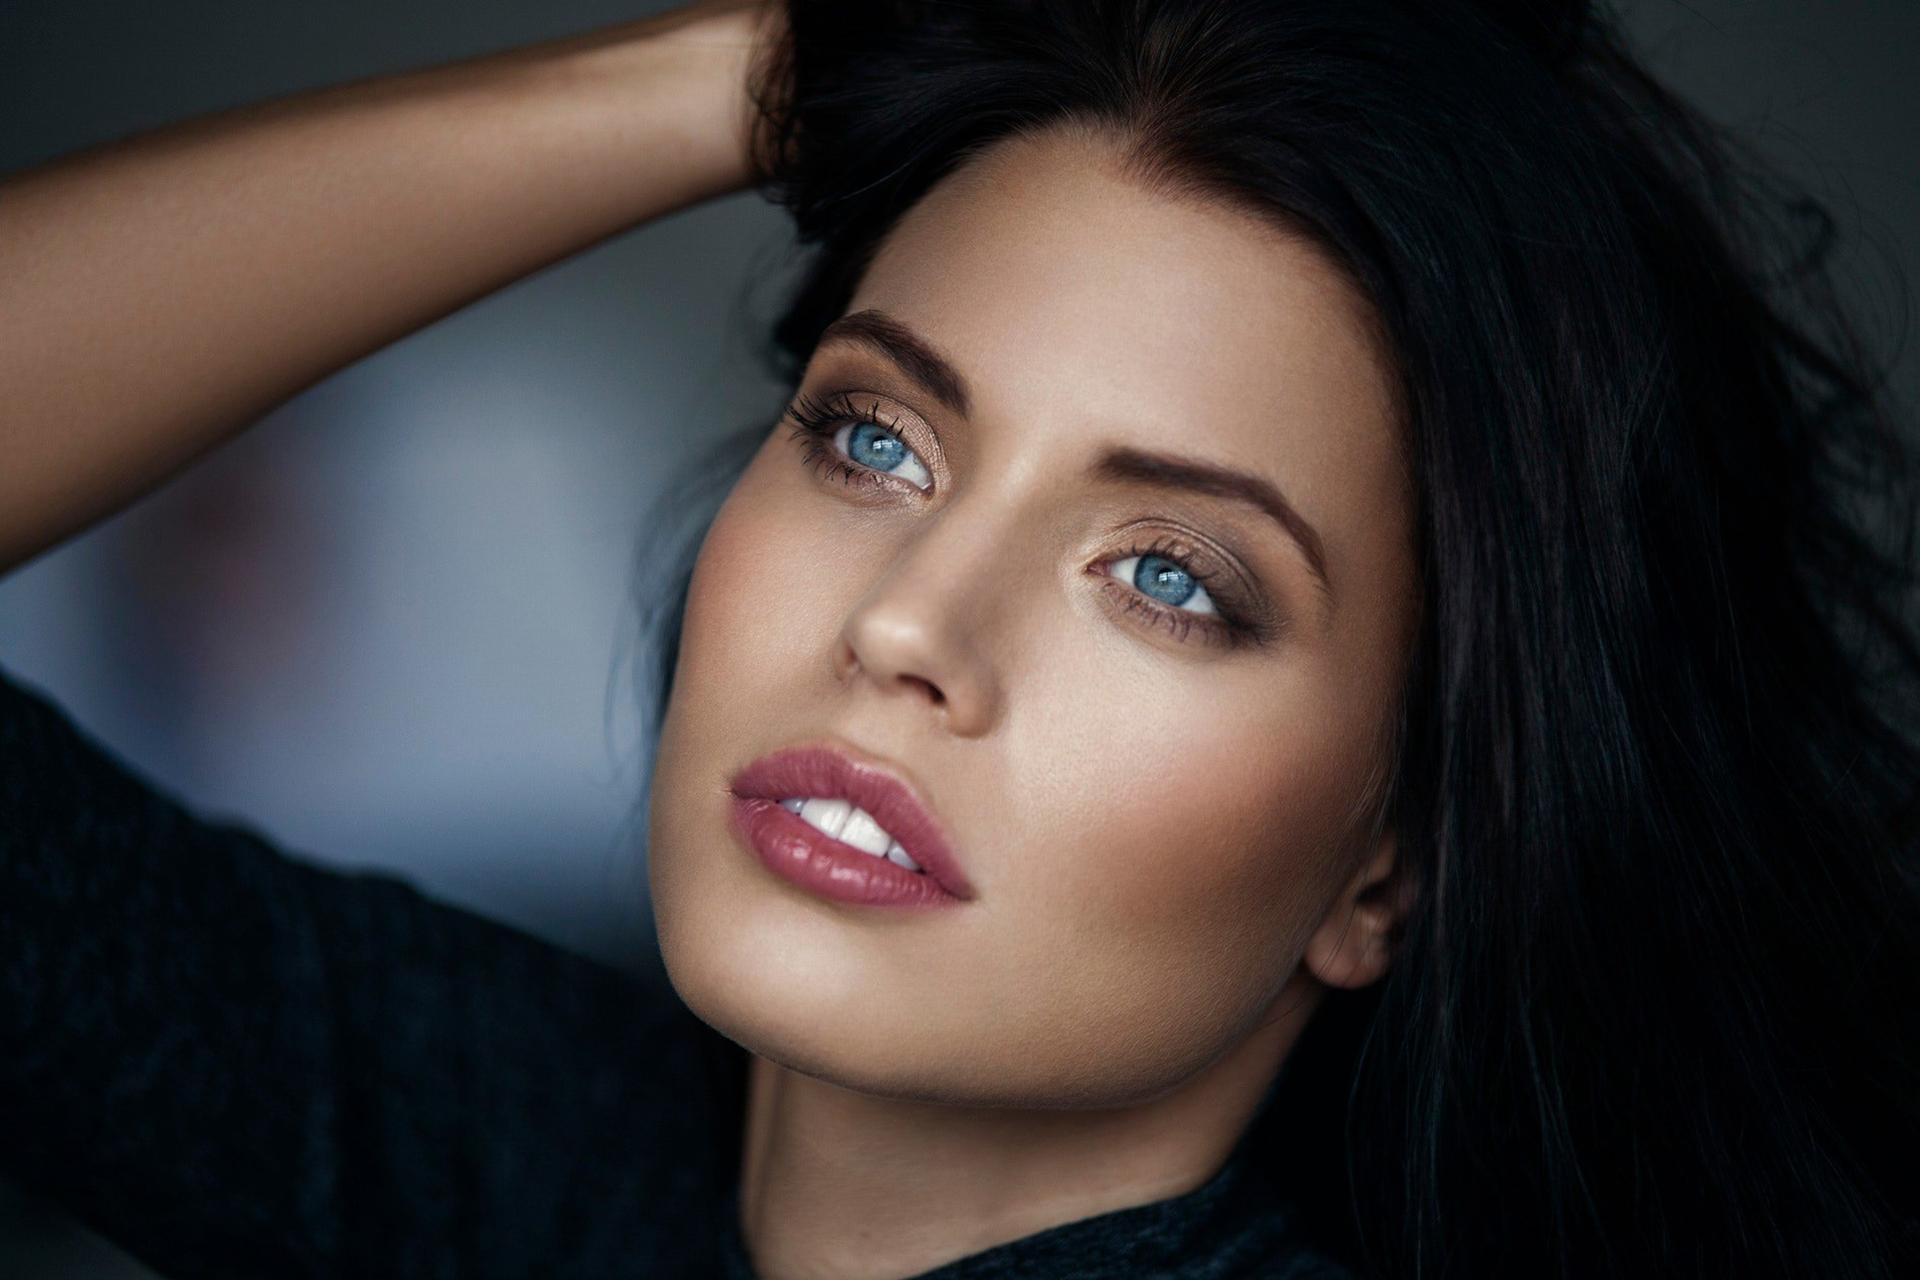 уздечка для модели с зелеными глазами фото лучевая терапия после